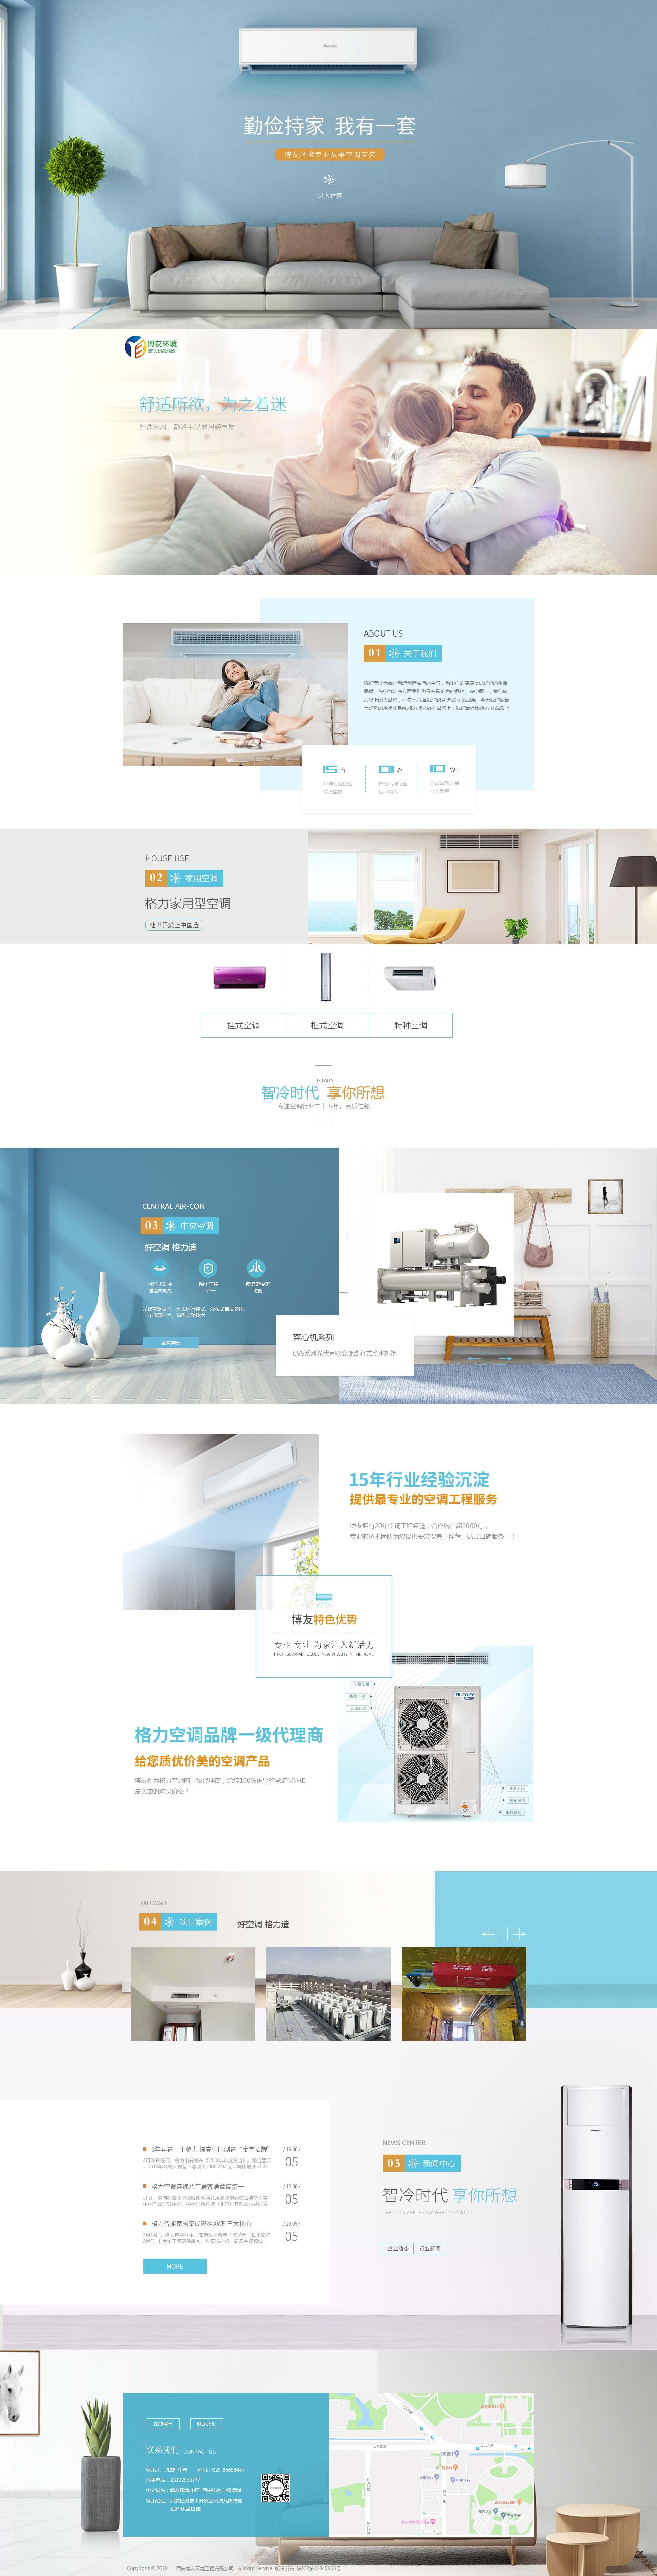 经典网站建设案例展示,供中小企业参考!